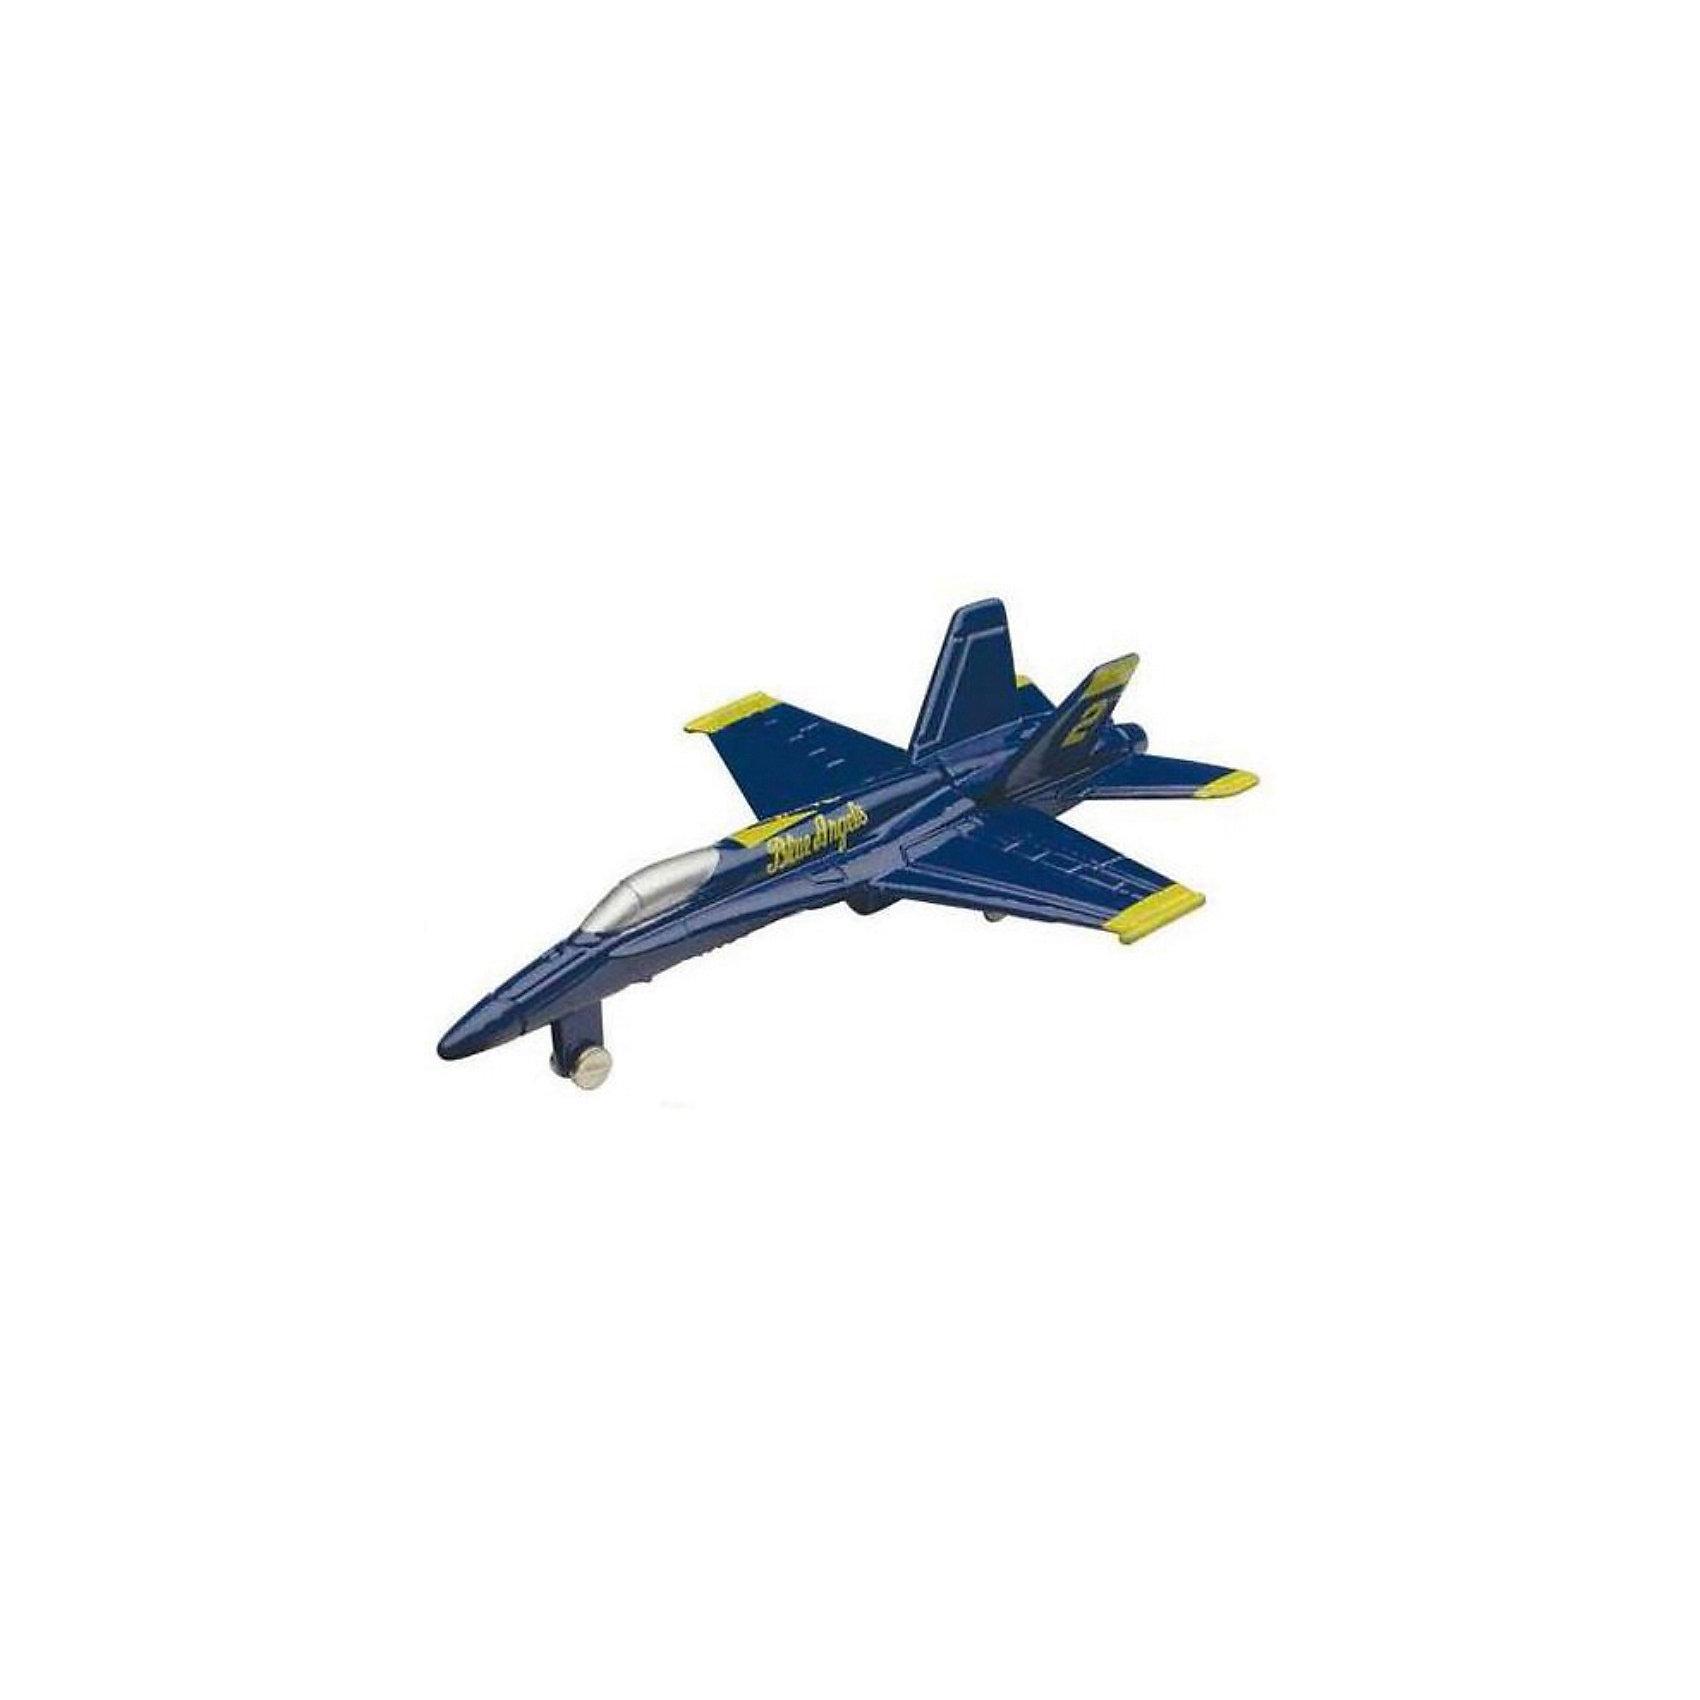 Самолет F/A-18 Hornet,  MotormaxВоенный транспорт<br>Самолет F/A-18 Hornet,  Motormax (Мотормакс) – это отличное пополнение коллекции авиационной техники.<br>Коллекционная игрушка самолет F/A-18 Hornet (Хорнет) от компании Motormax (Мотормакс) в точности повторяет контуры американского палубного истребителя-бомбардировщика и штурмовика, чем вызовет неподдельный интерес, как у ребенка, так и взрослого коллекционера. Модель максимально приближена к своему прототипу. По сути это уменьшенная копия настоящего самолета, сохранившая его пропорции и узнаваемые элементы. Стоит также отметить хорошую для таких размеров детализацию. Модель самолета изготовлена из прочного и качественного пластика, поэтому может использоваться и для обычной игры.<br><br>Дополнительная информация:<br><br>- Длина самолета: 9 см.<br>- Материал: пластик<br><br>Самолет F/A-18 Hornet,  Motormax (Мотормакс) можно купить в нашем интернет-магазине.<br><br>Ширина мм: 127<br>Глубина мм: 30<br>Высота мм: 178<br>Вес г: 80<br>Возраст от месяцев: 36<br>Возраст до месяцев: 168<br>Пол: Мужской<br>Возраст: Детский<br>SKU: 3839009